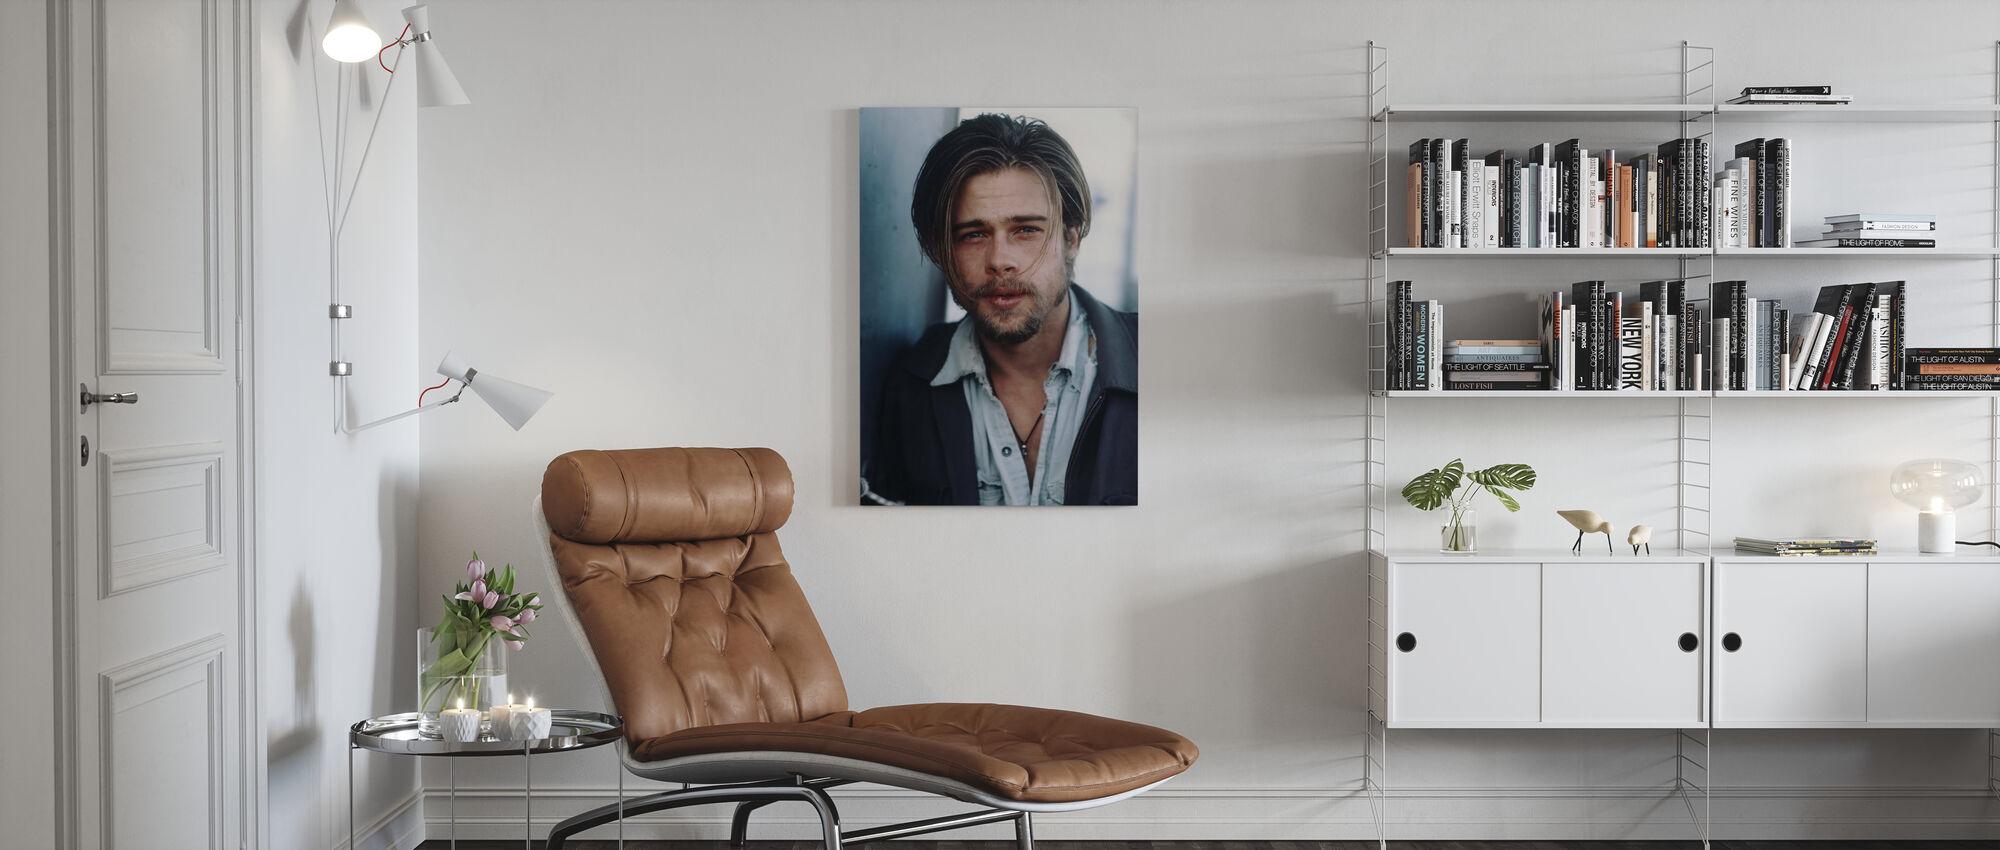 Brad Pitt in Kalifornia - Canvas print - Living Room